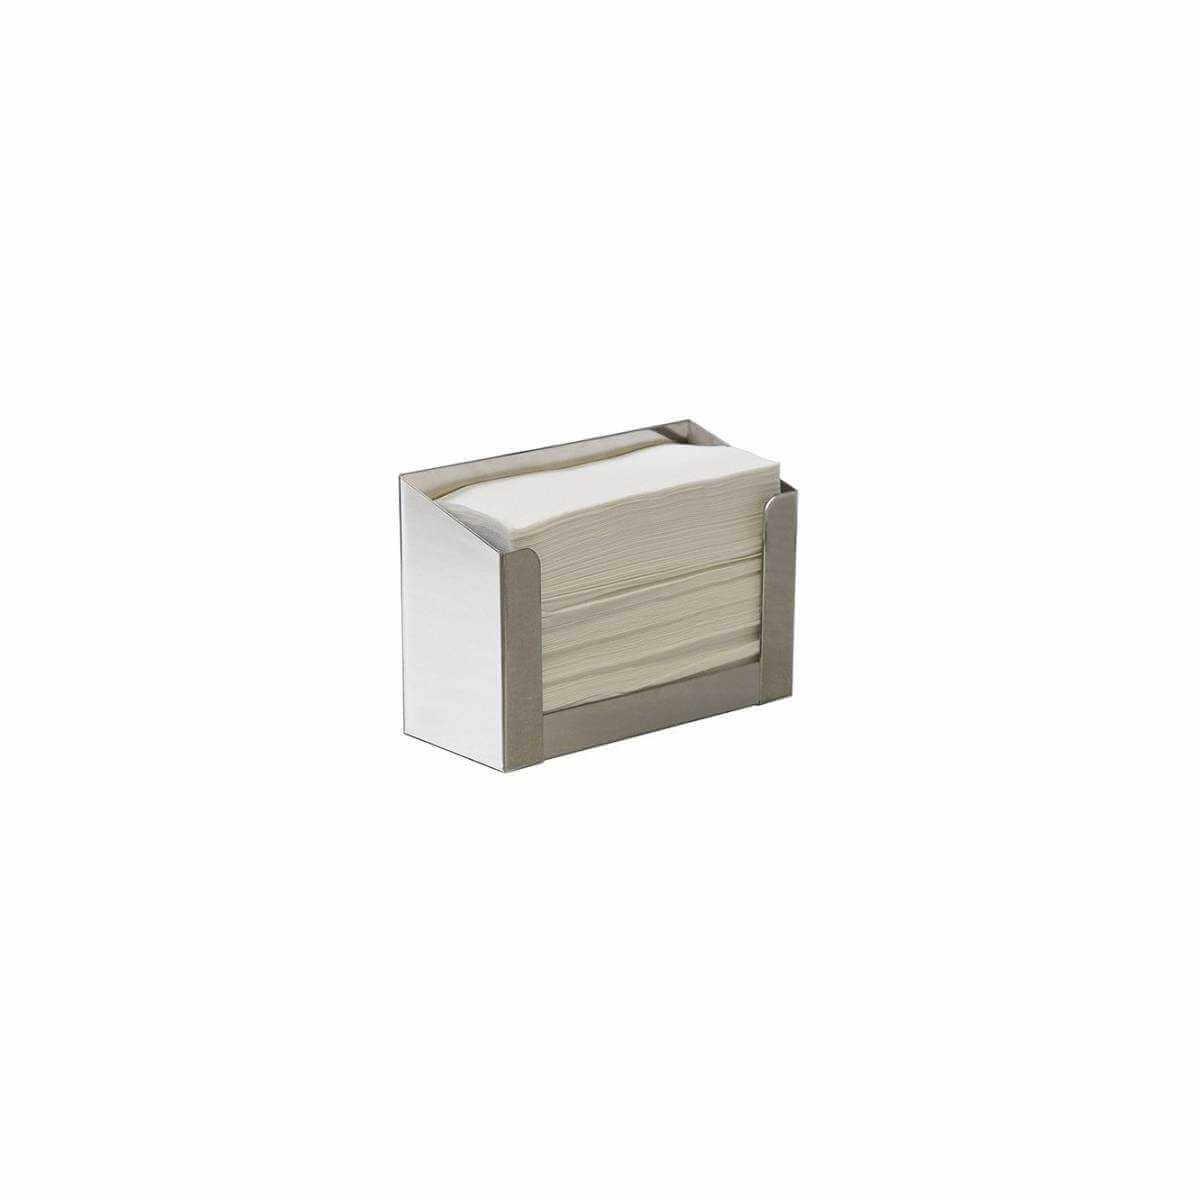 Держатель бумажных полотенец в пачках E-LINE (E 701S) E 701S Mediclinics